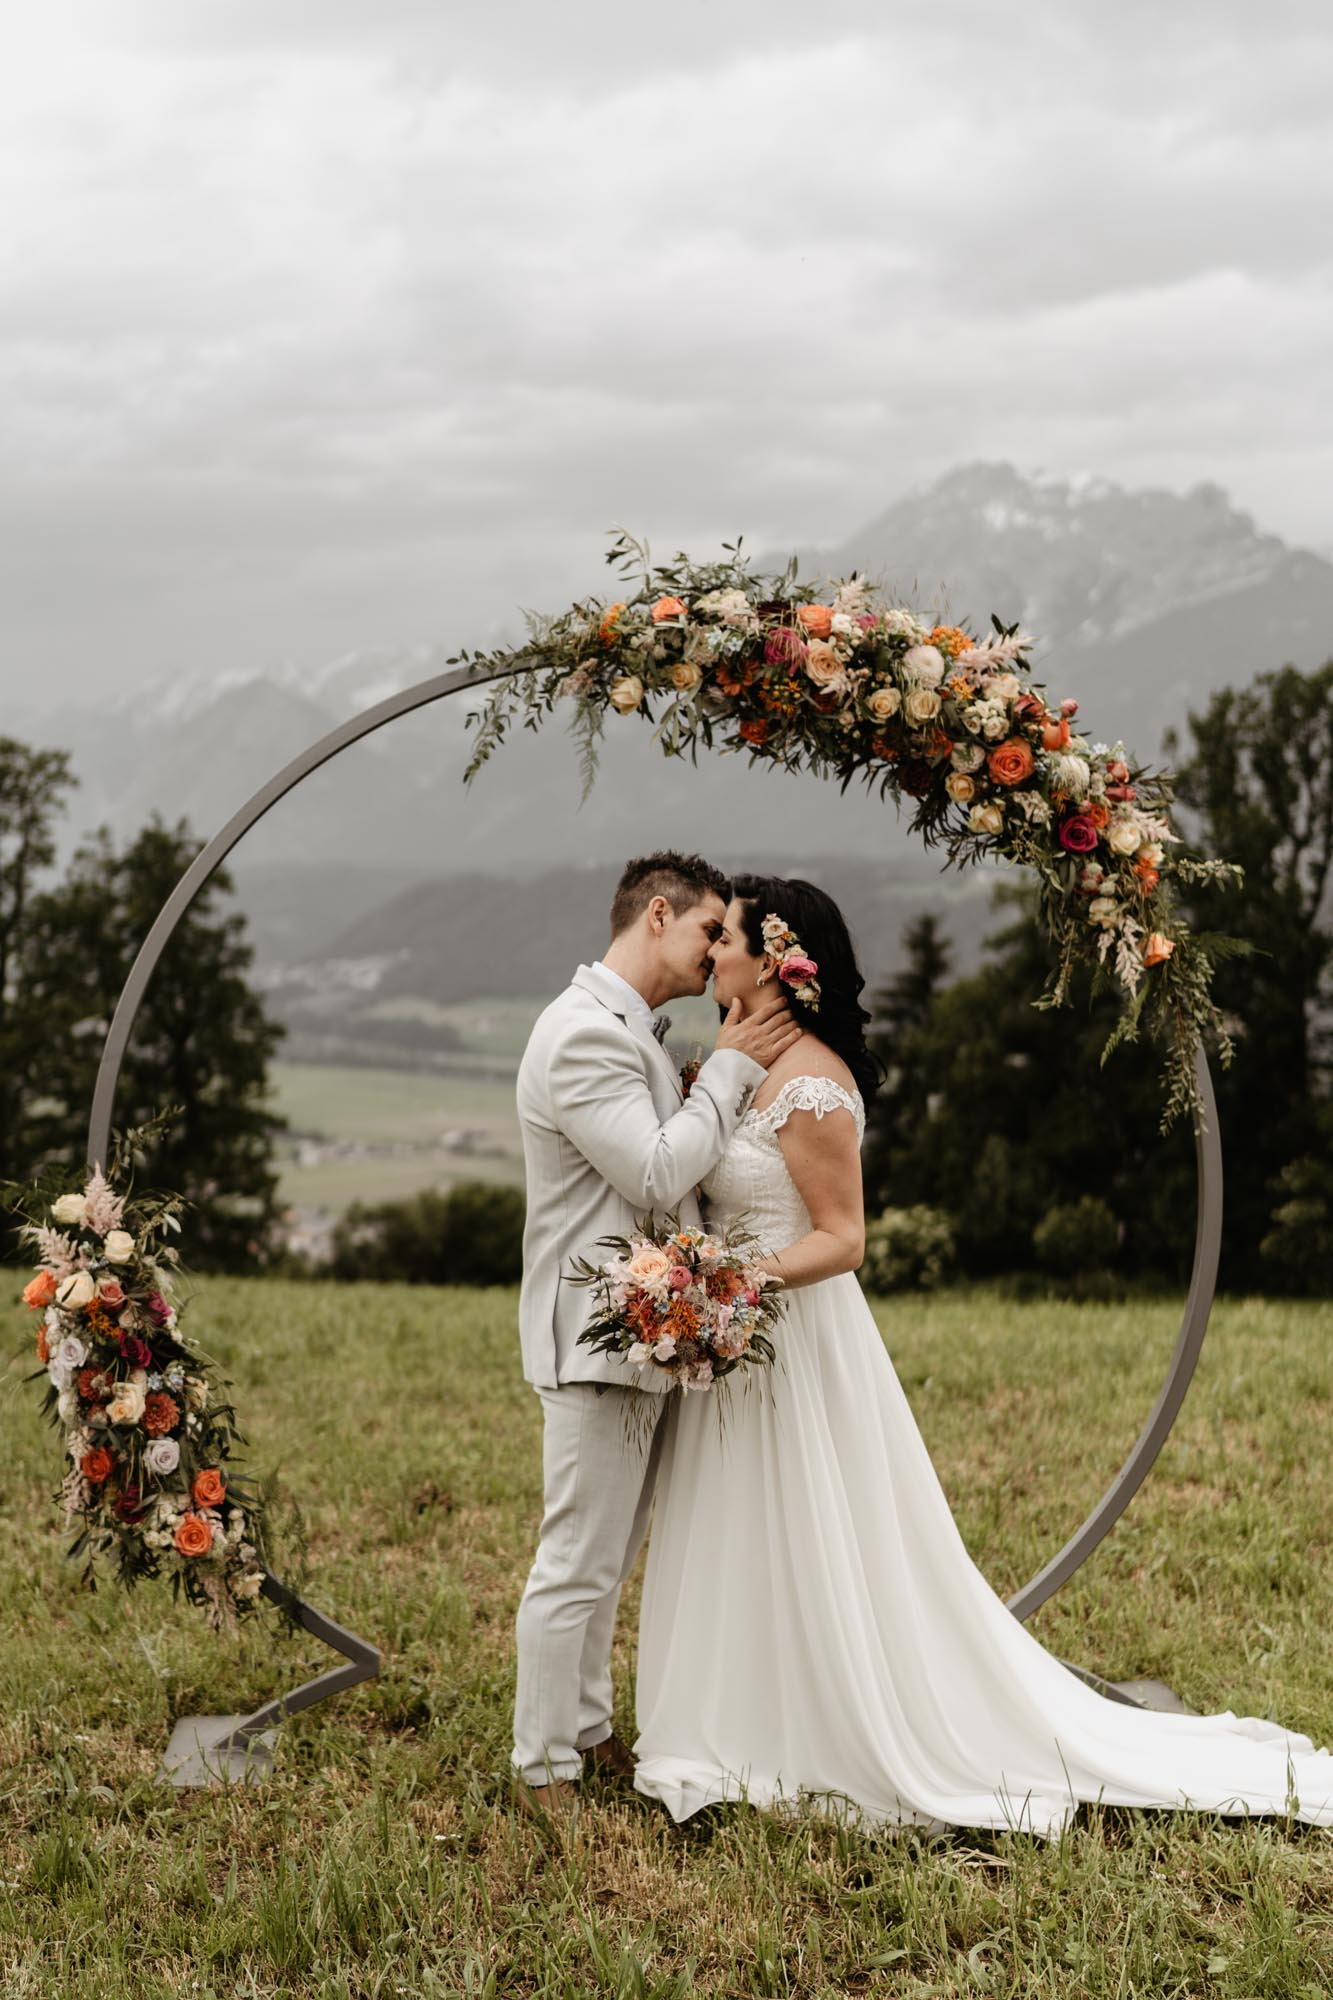 Heiraten in Tirol | Freie Trauung | Hochzeit